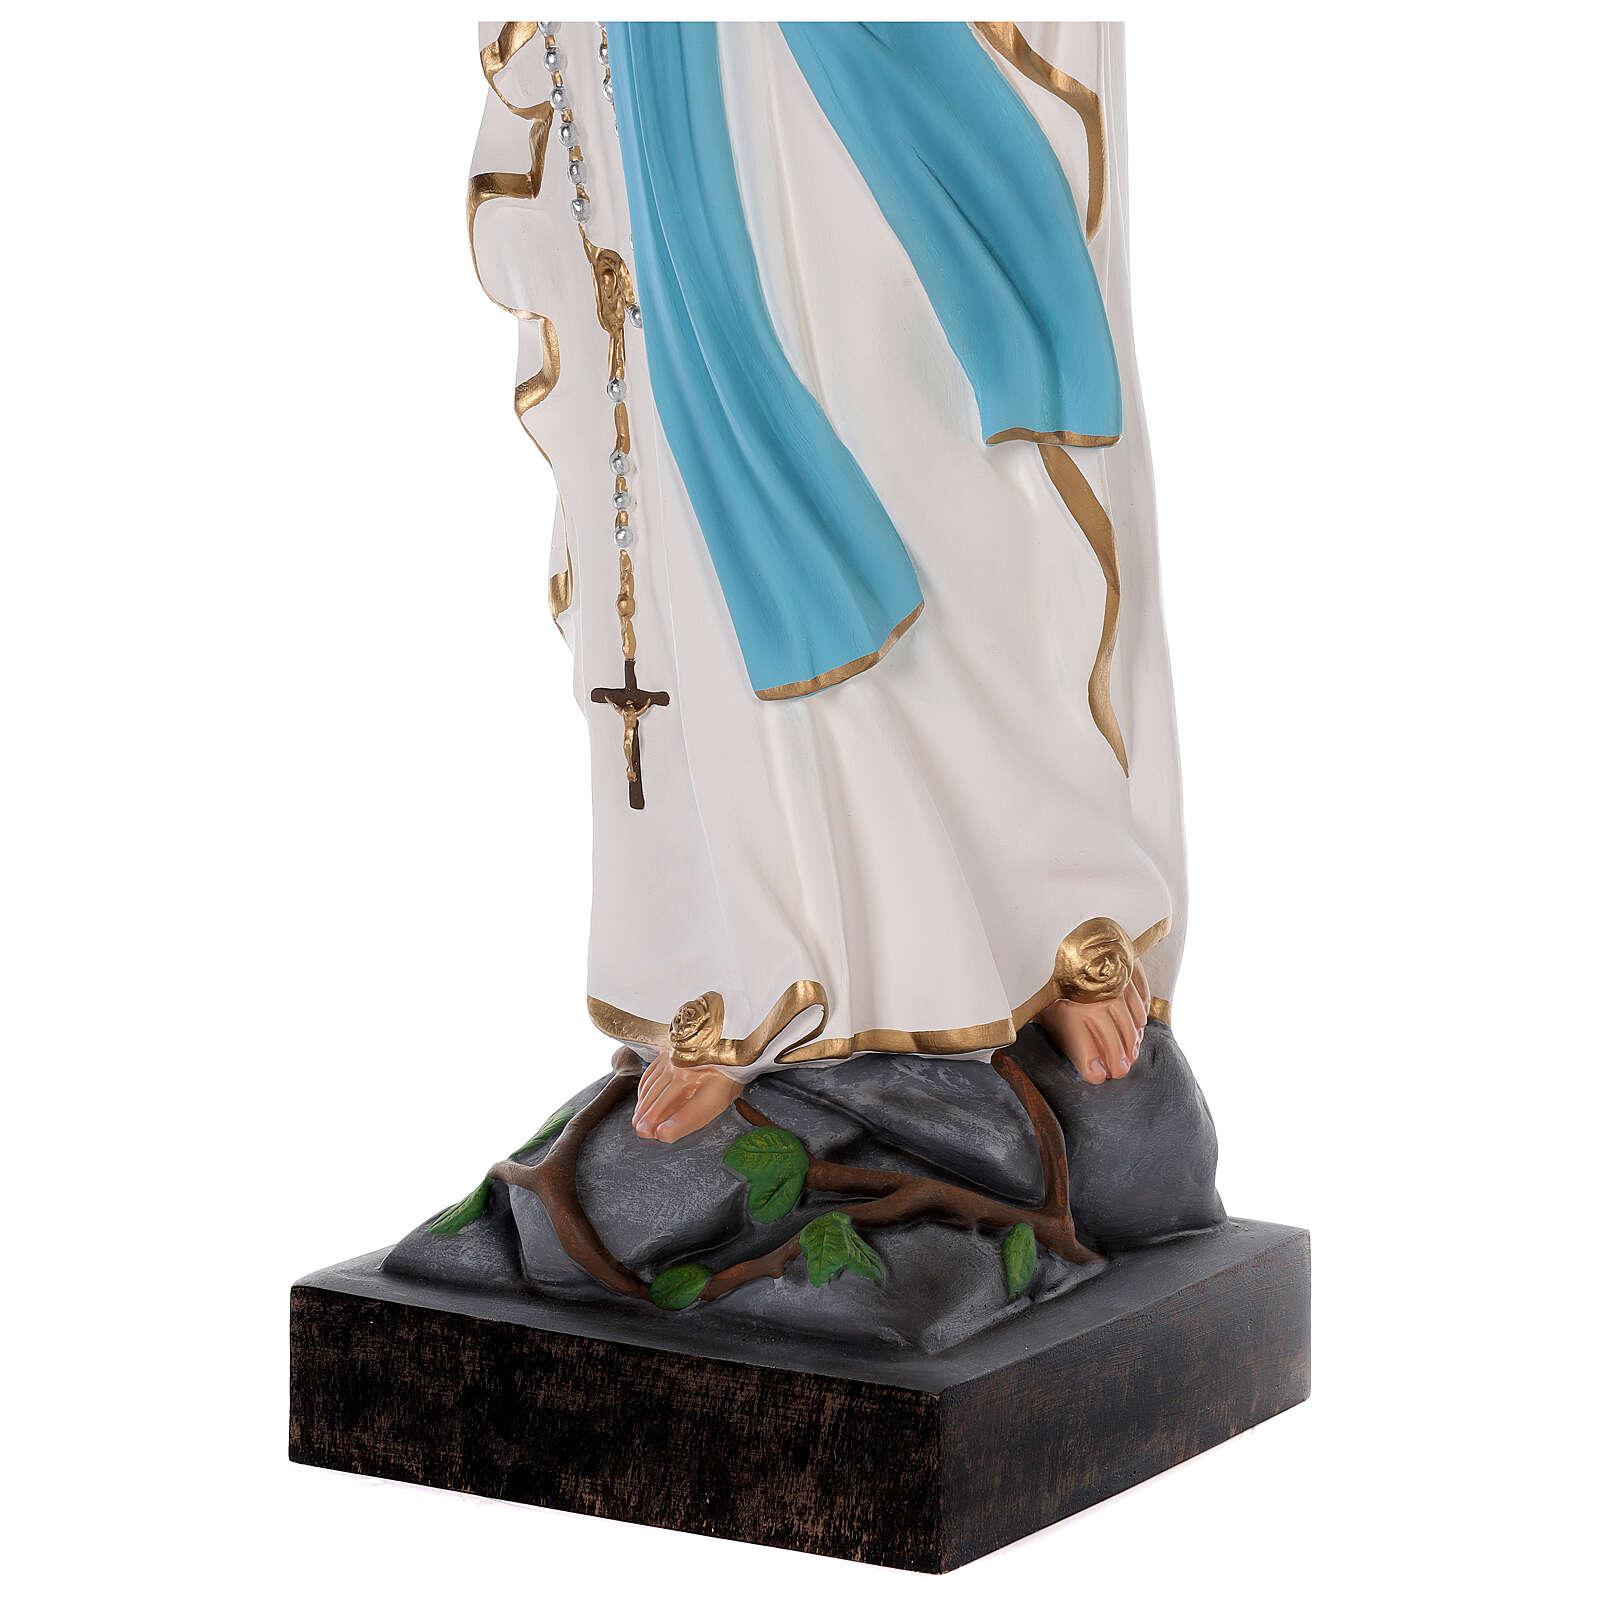 Statua Madonna di Lourdes vetroresina colorata 85 cm occhi vetro 4